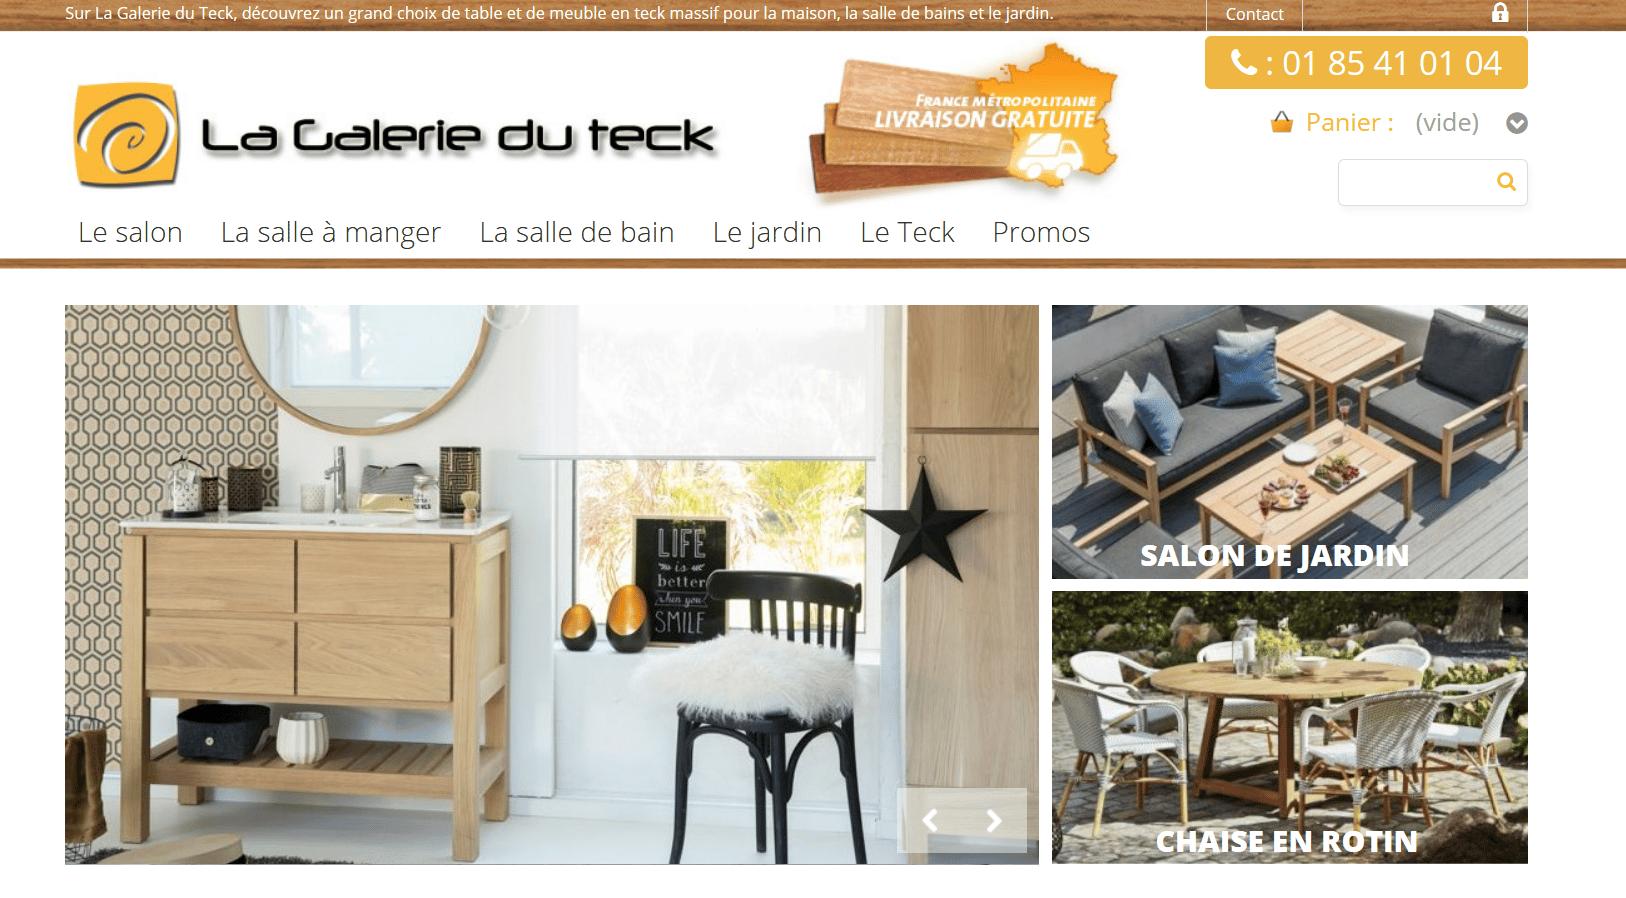 La galerie du teck sp cialiste des meubles en teck top societes - La galerie du meuble contemporain ...